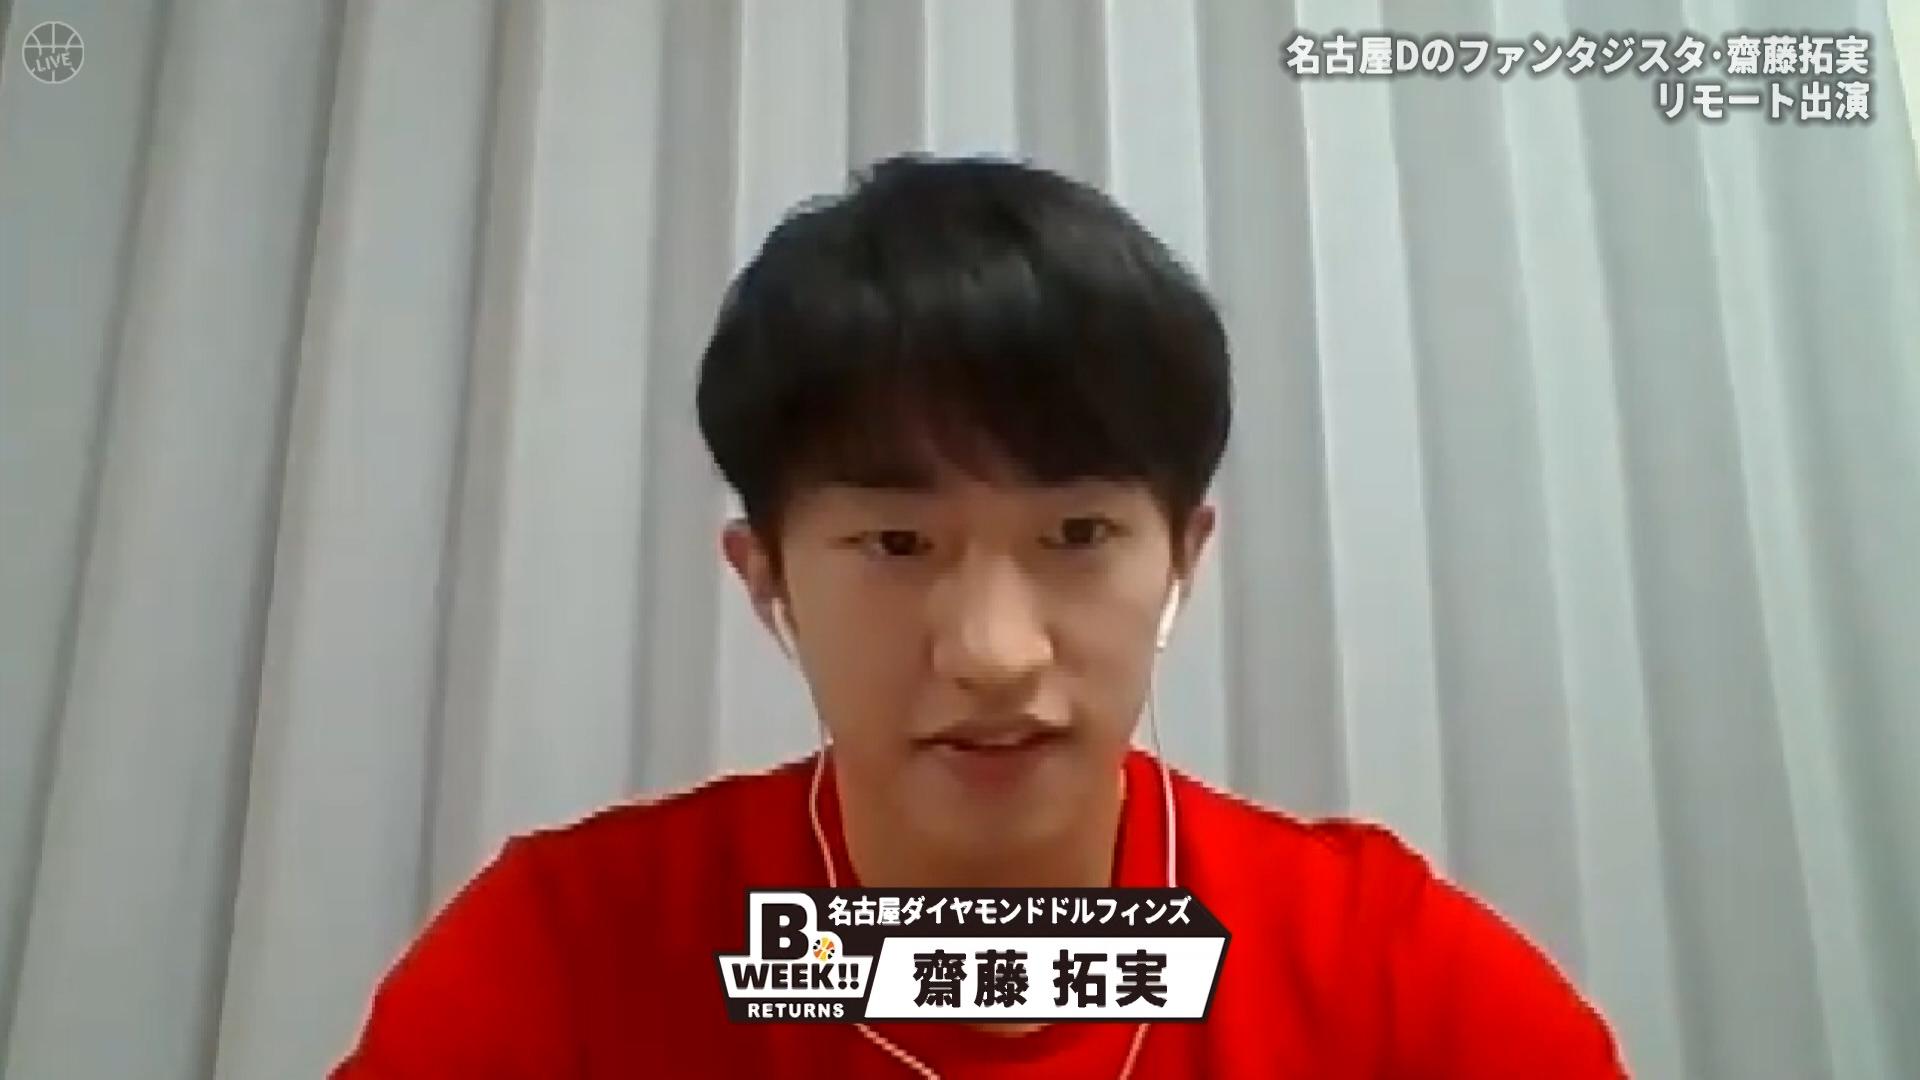 【バスケ】ファンタジスタ・齋藤拓実が繰り出すパスの心がけとは<B.WEEK!!リターンズ>